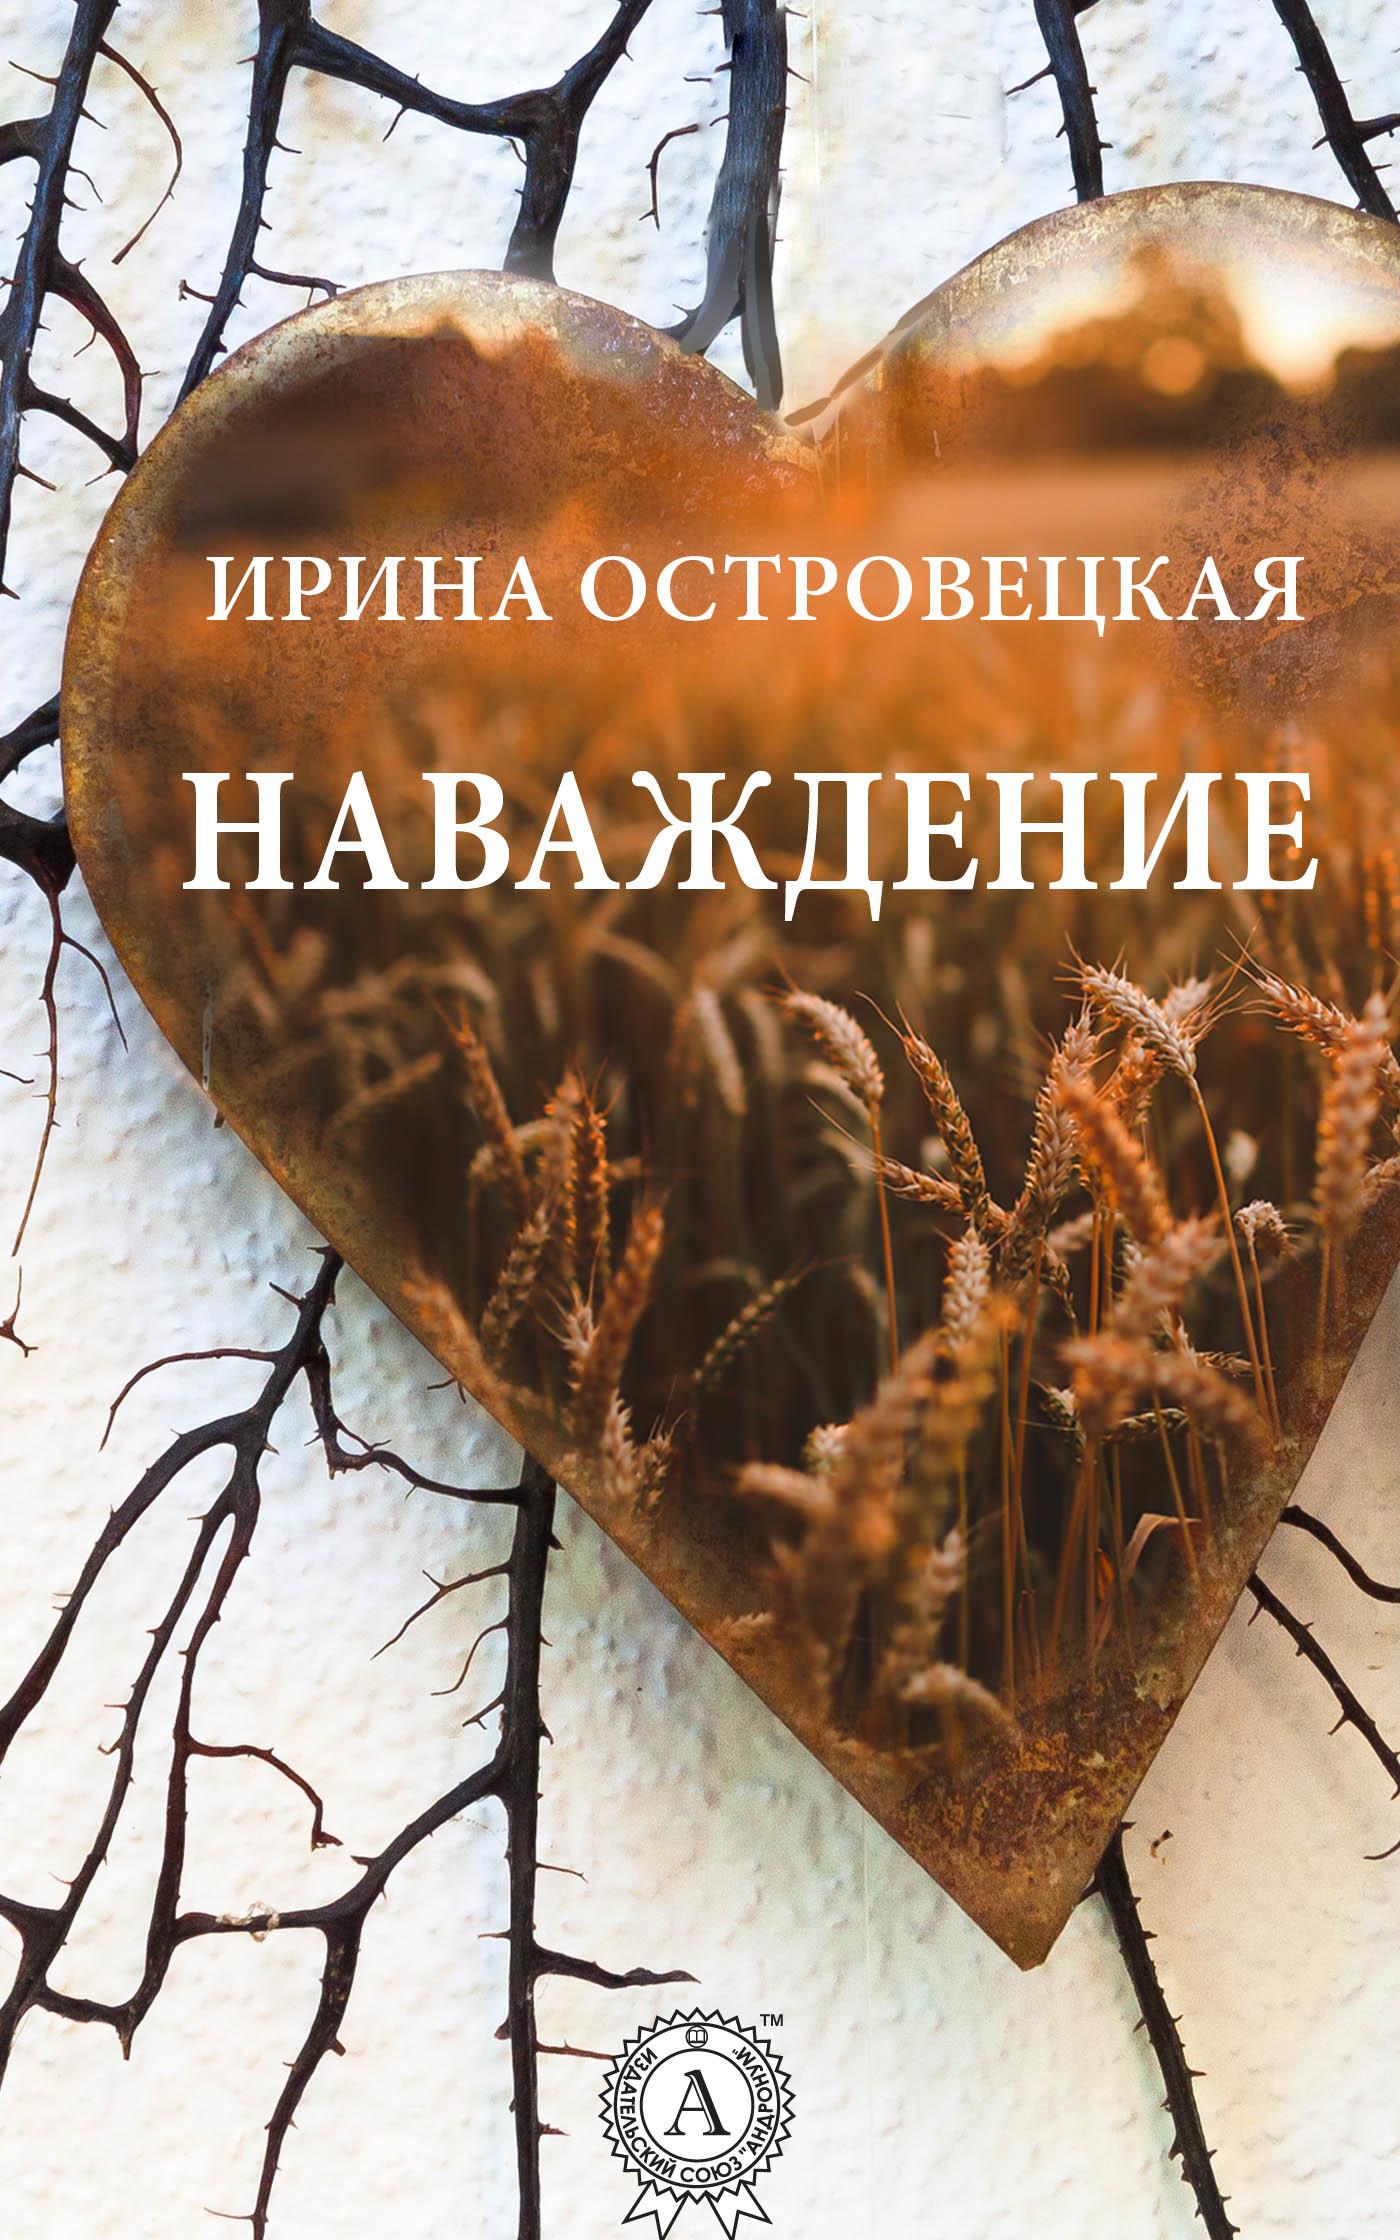 Ирина Островецкая «Наваждение»